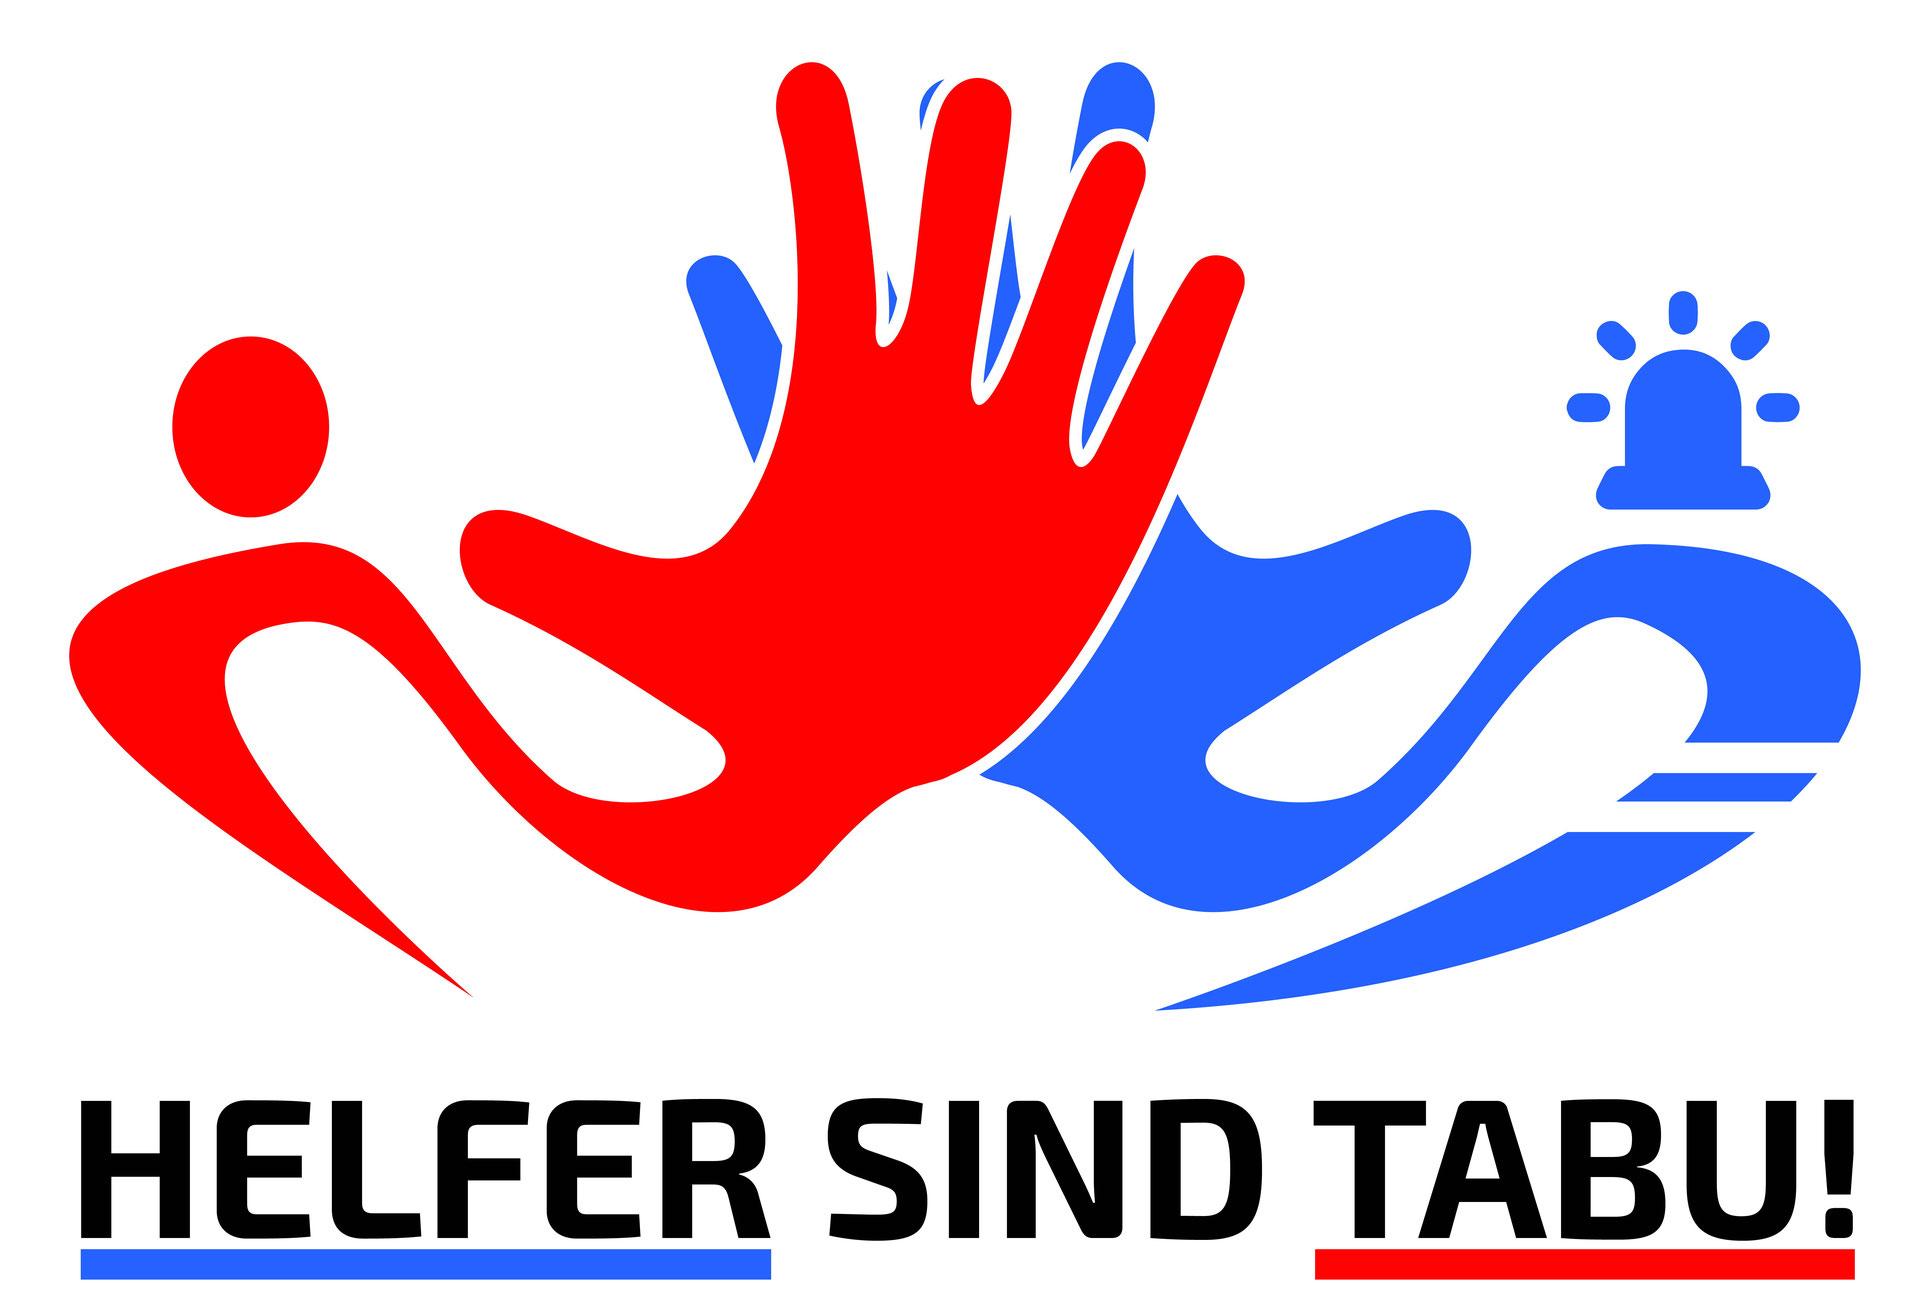 Helfer sind Tabu Logo